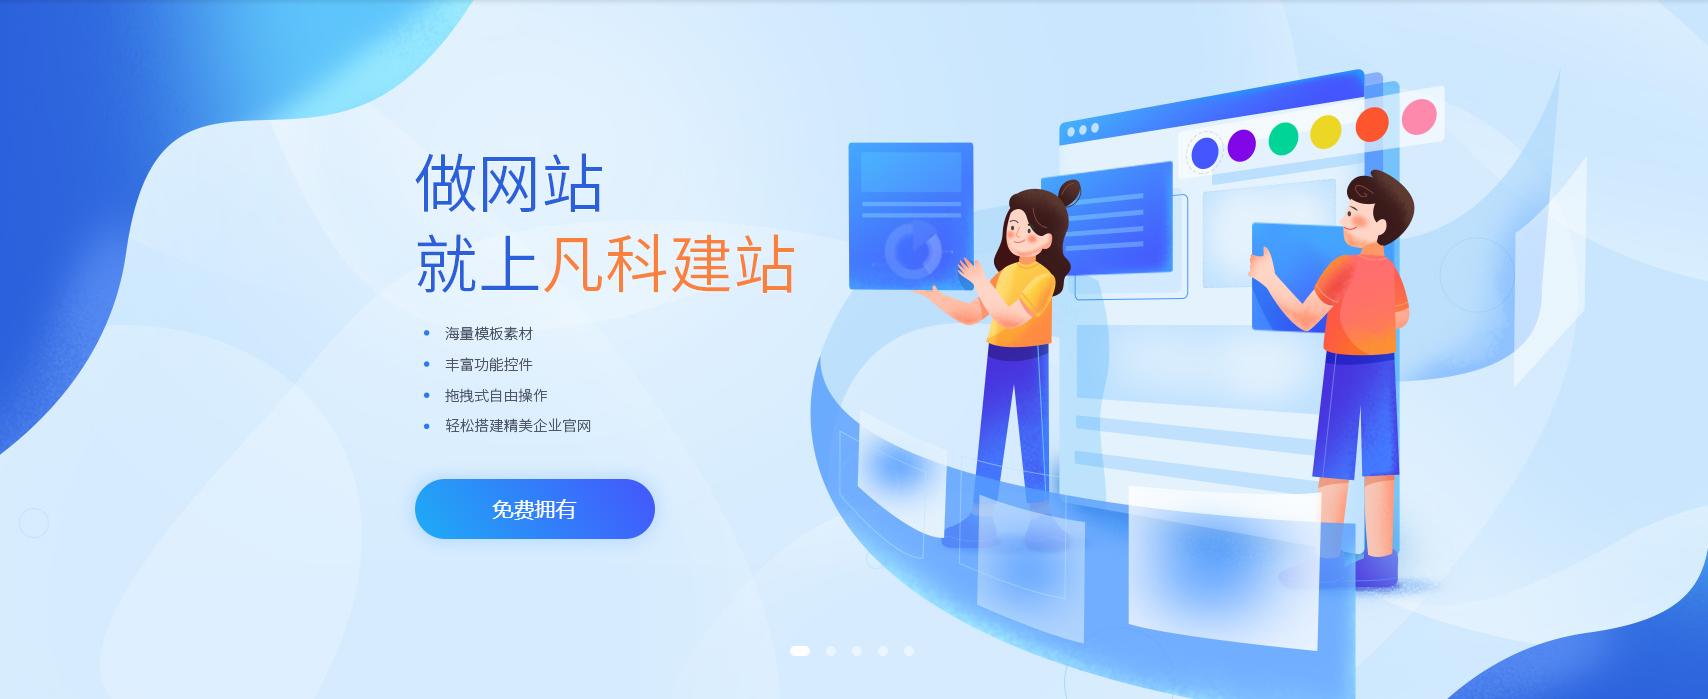 如何创建外贸网站